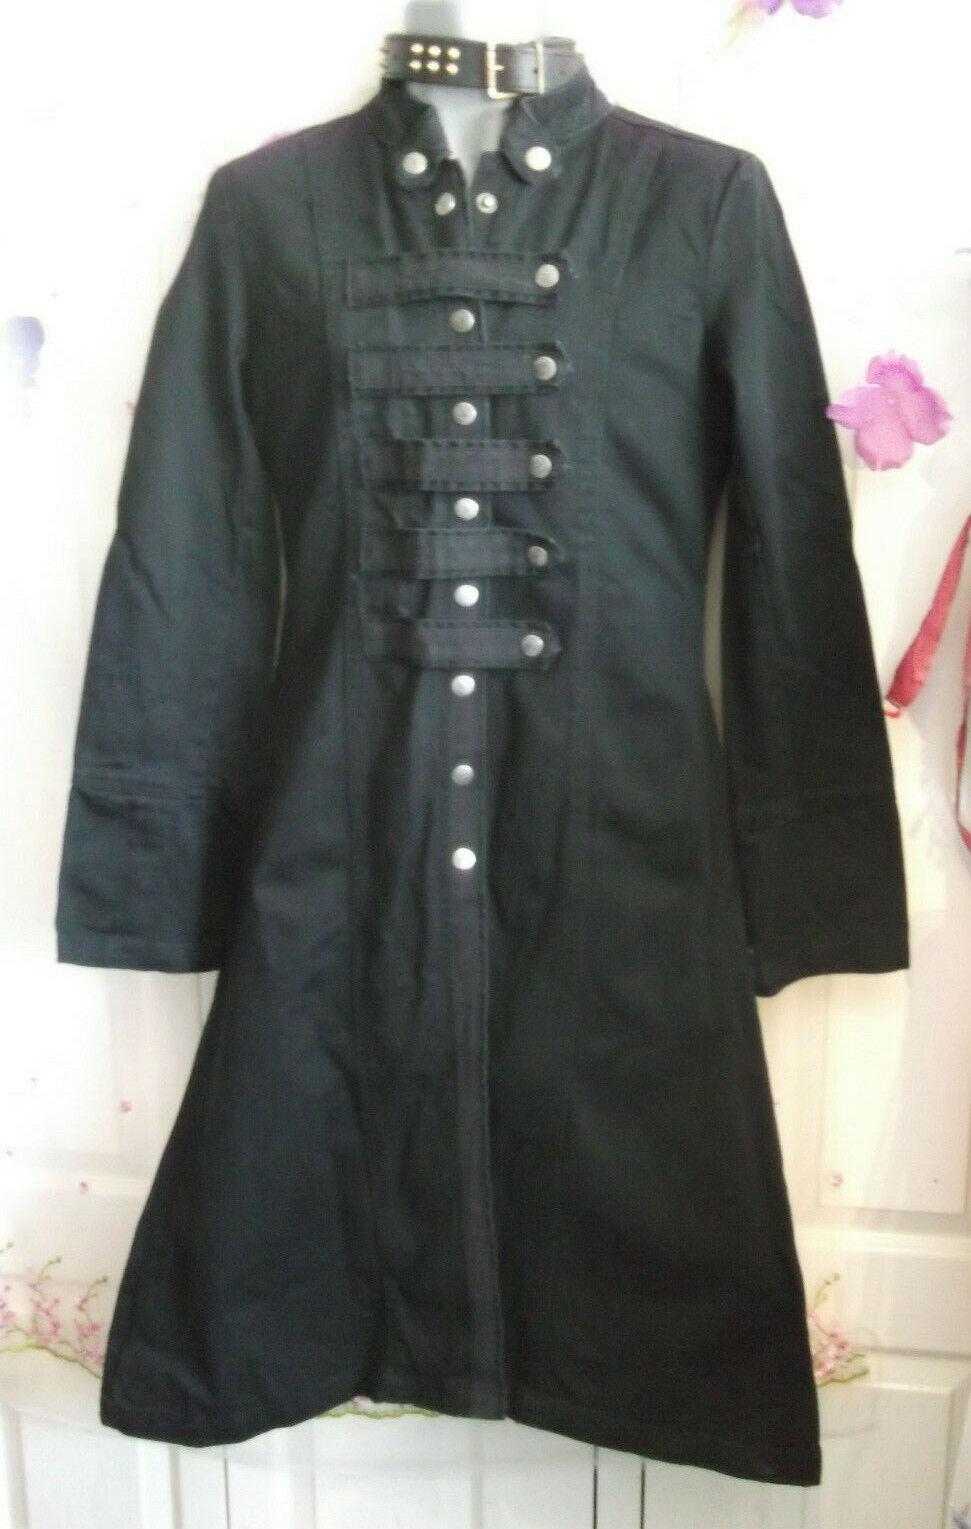 schwarz unisex Criminal damage goth punk stage schwarz fitted long coat. Größe medium